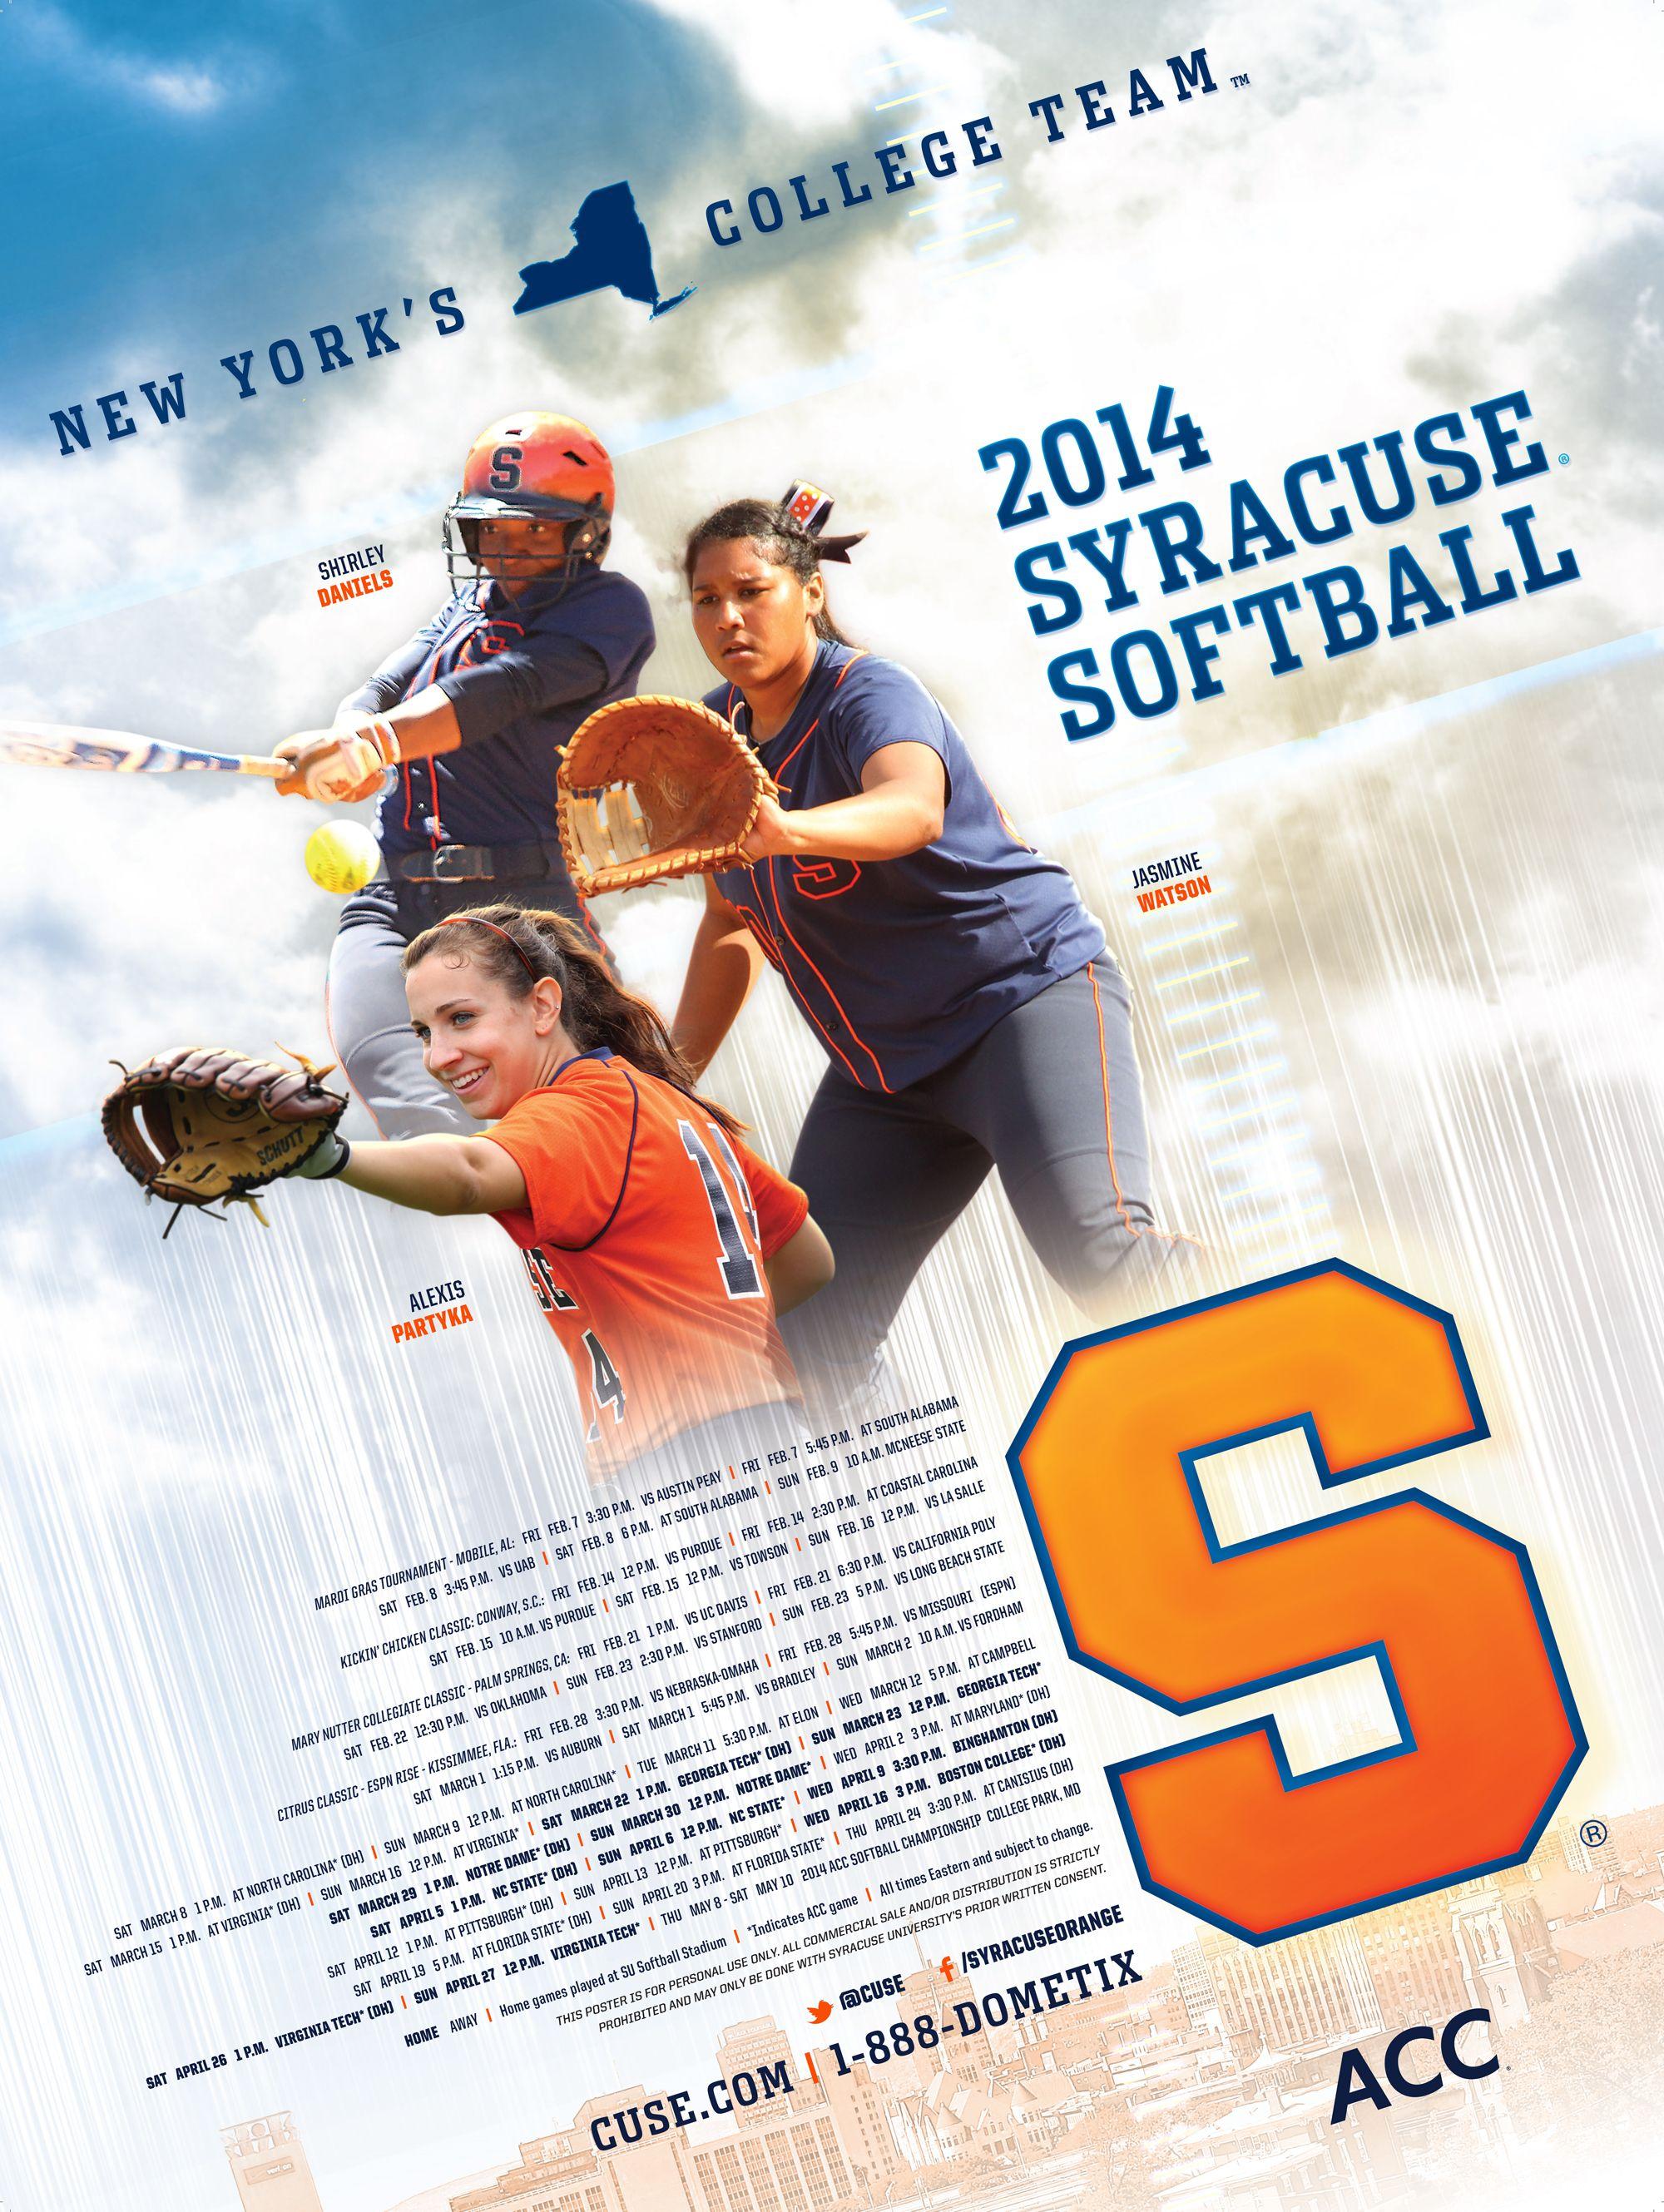 Syracuse Softball 2014 Poster Softball posters, Softball